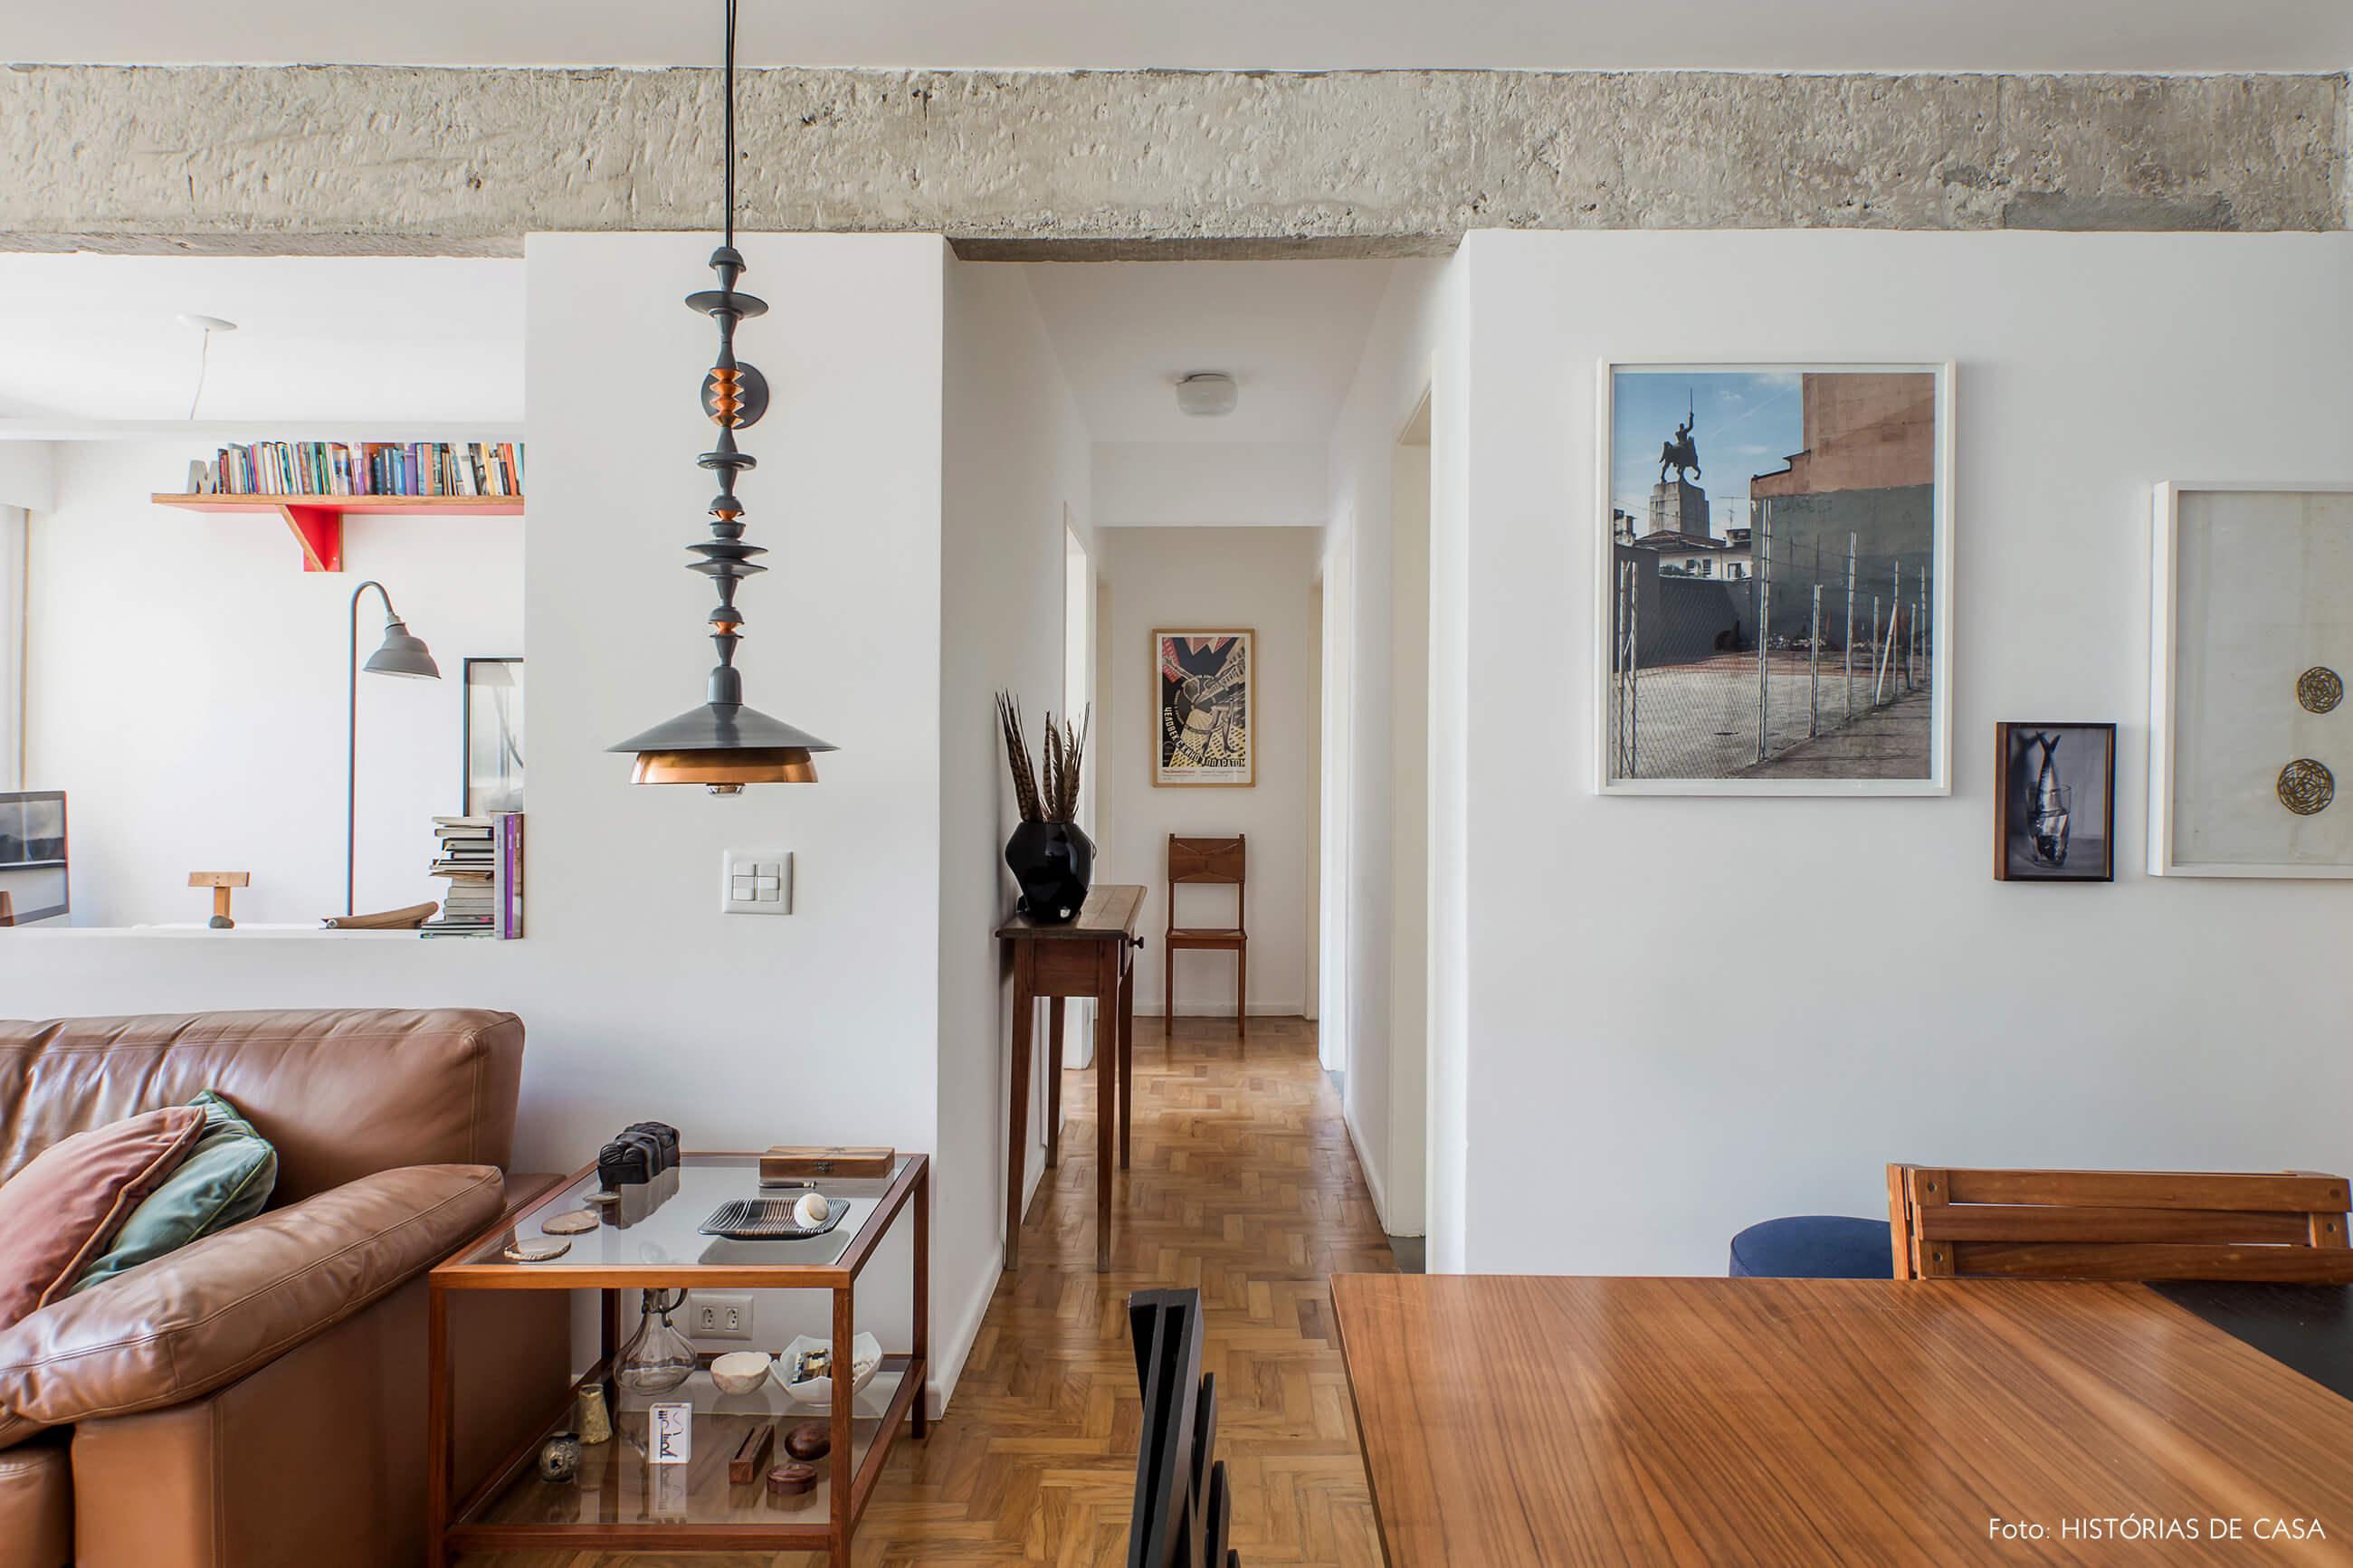 Apartamento reformado com cozinha integrada e vigas de concreto